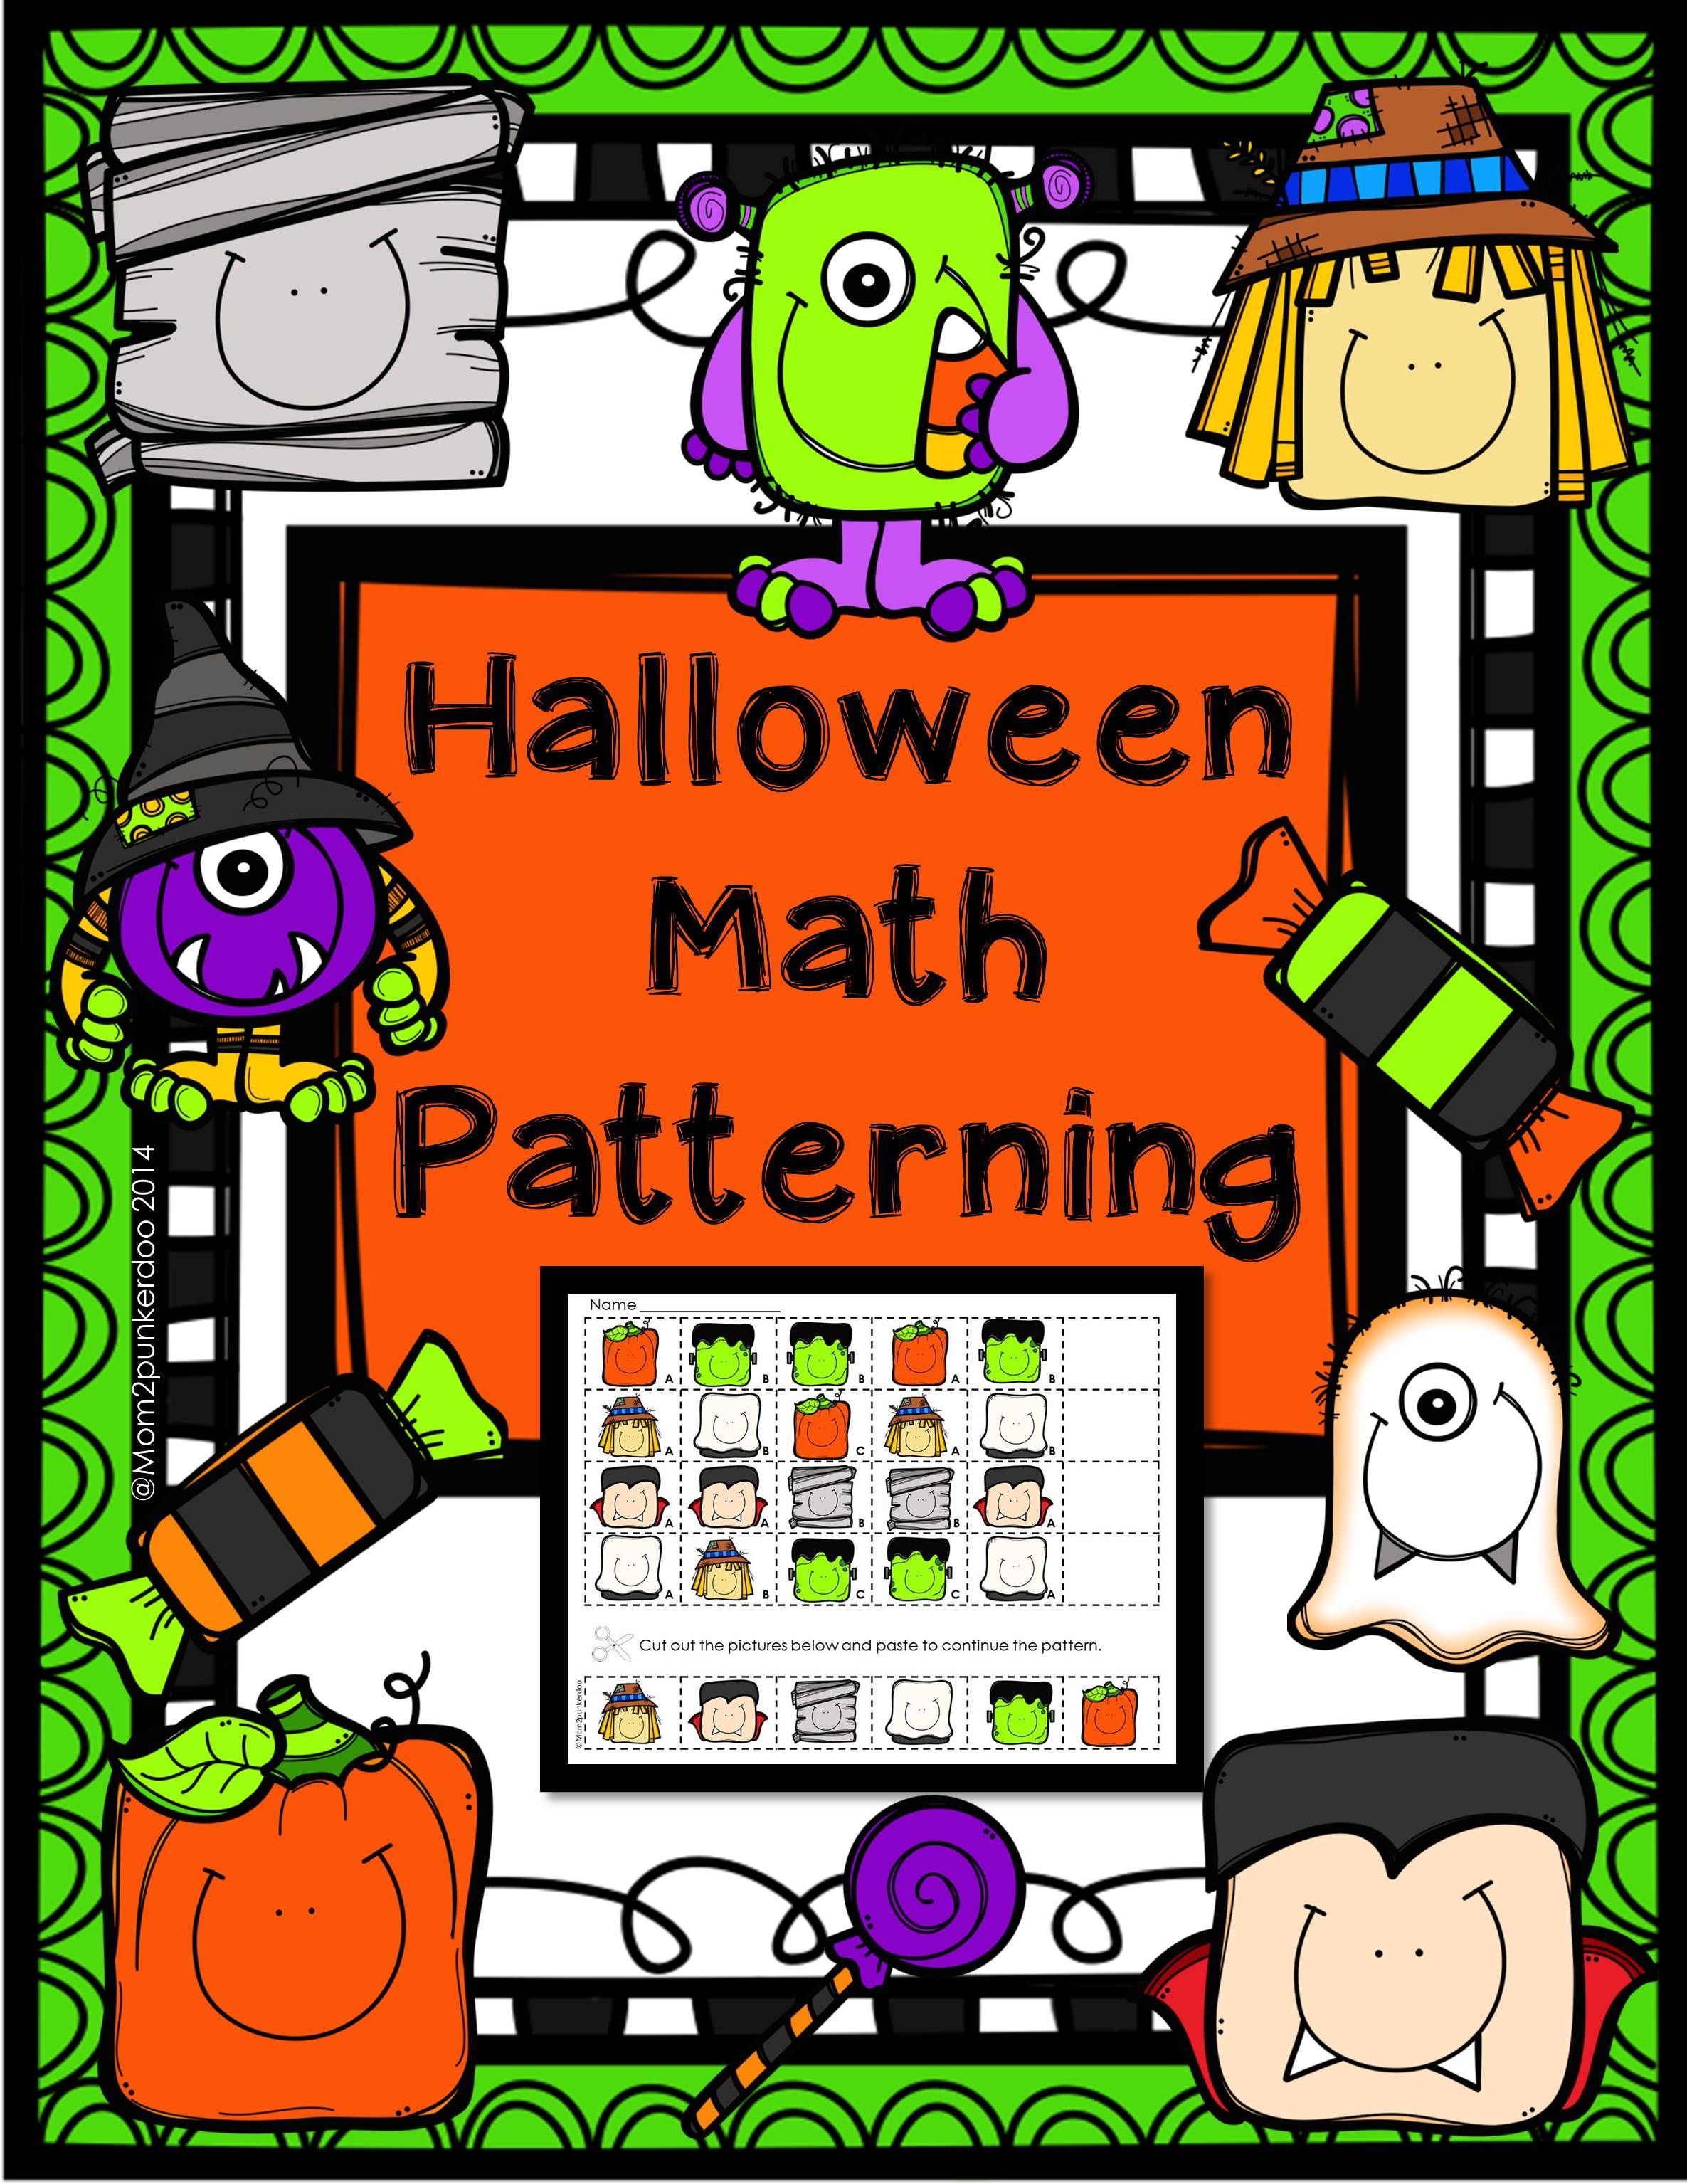 Halloween Math Patterning Halloween math, Math patterns